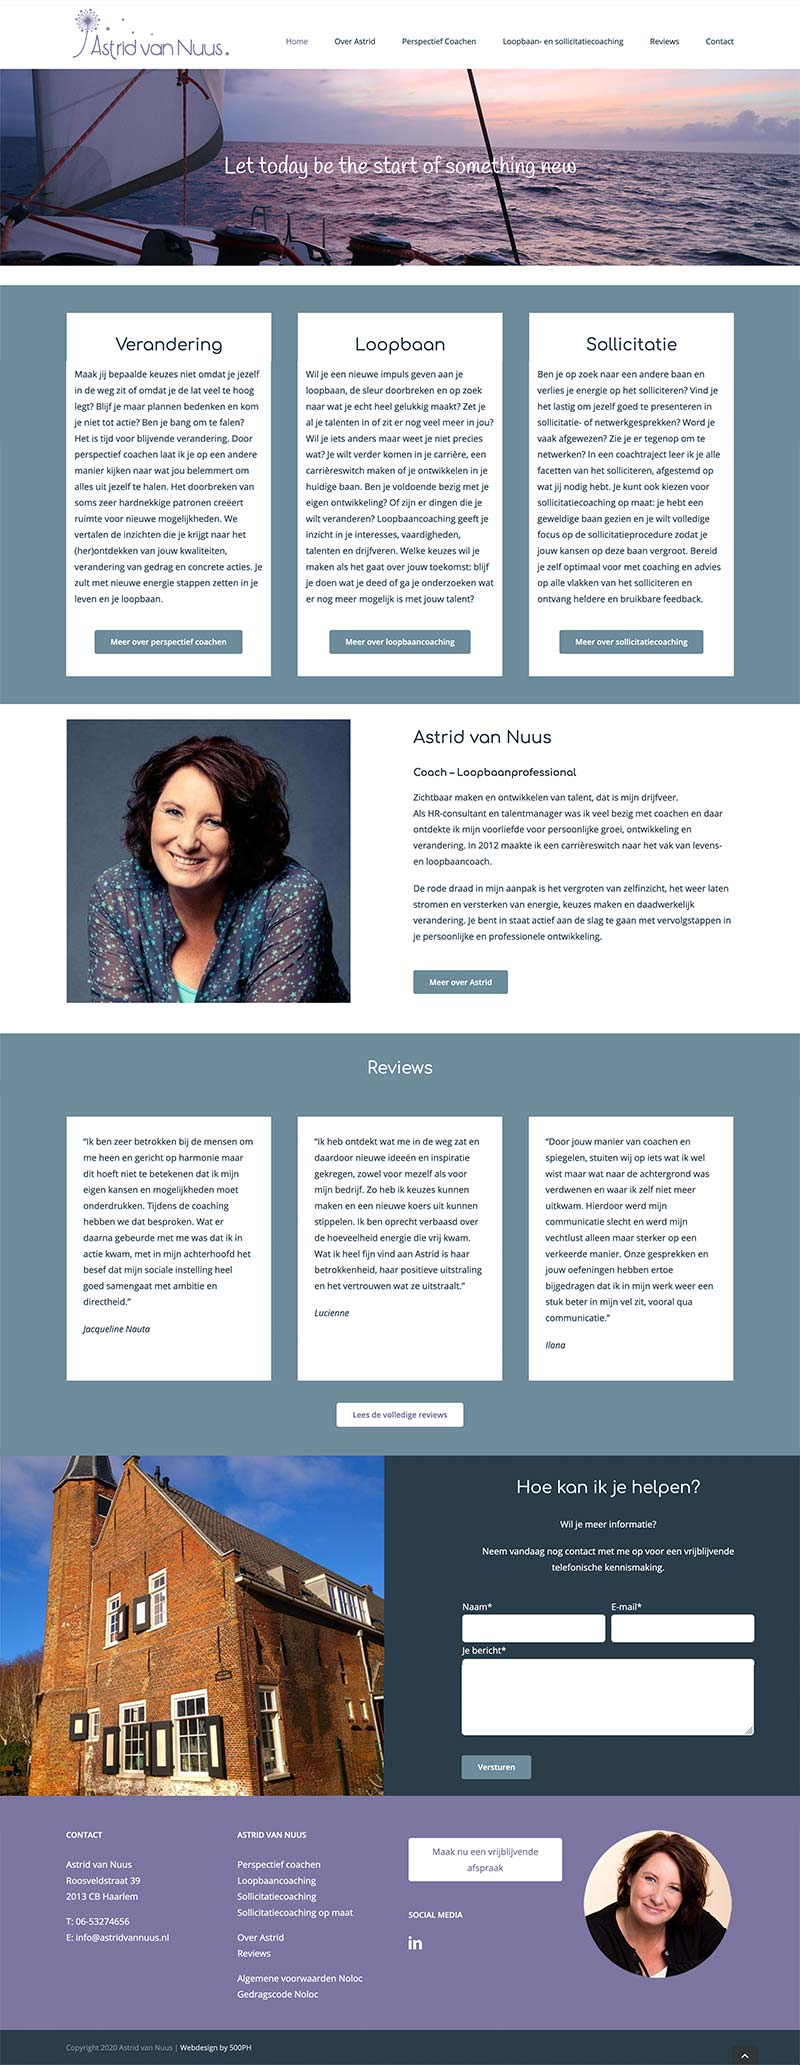 Astrid van Nuus | Website